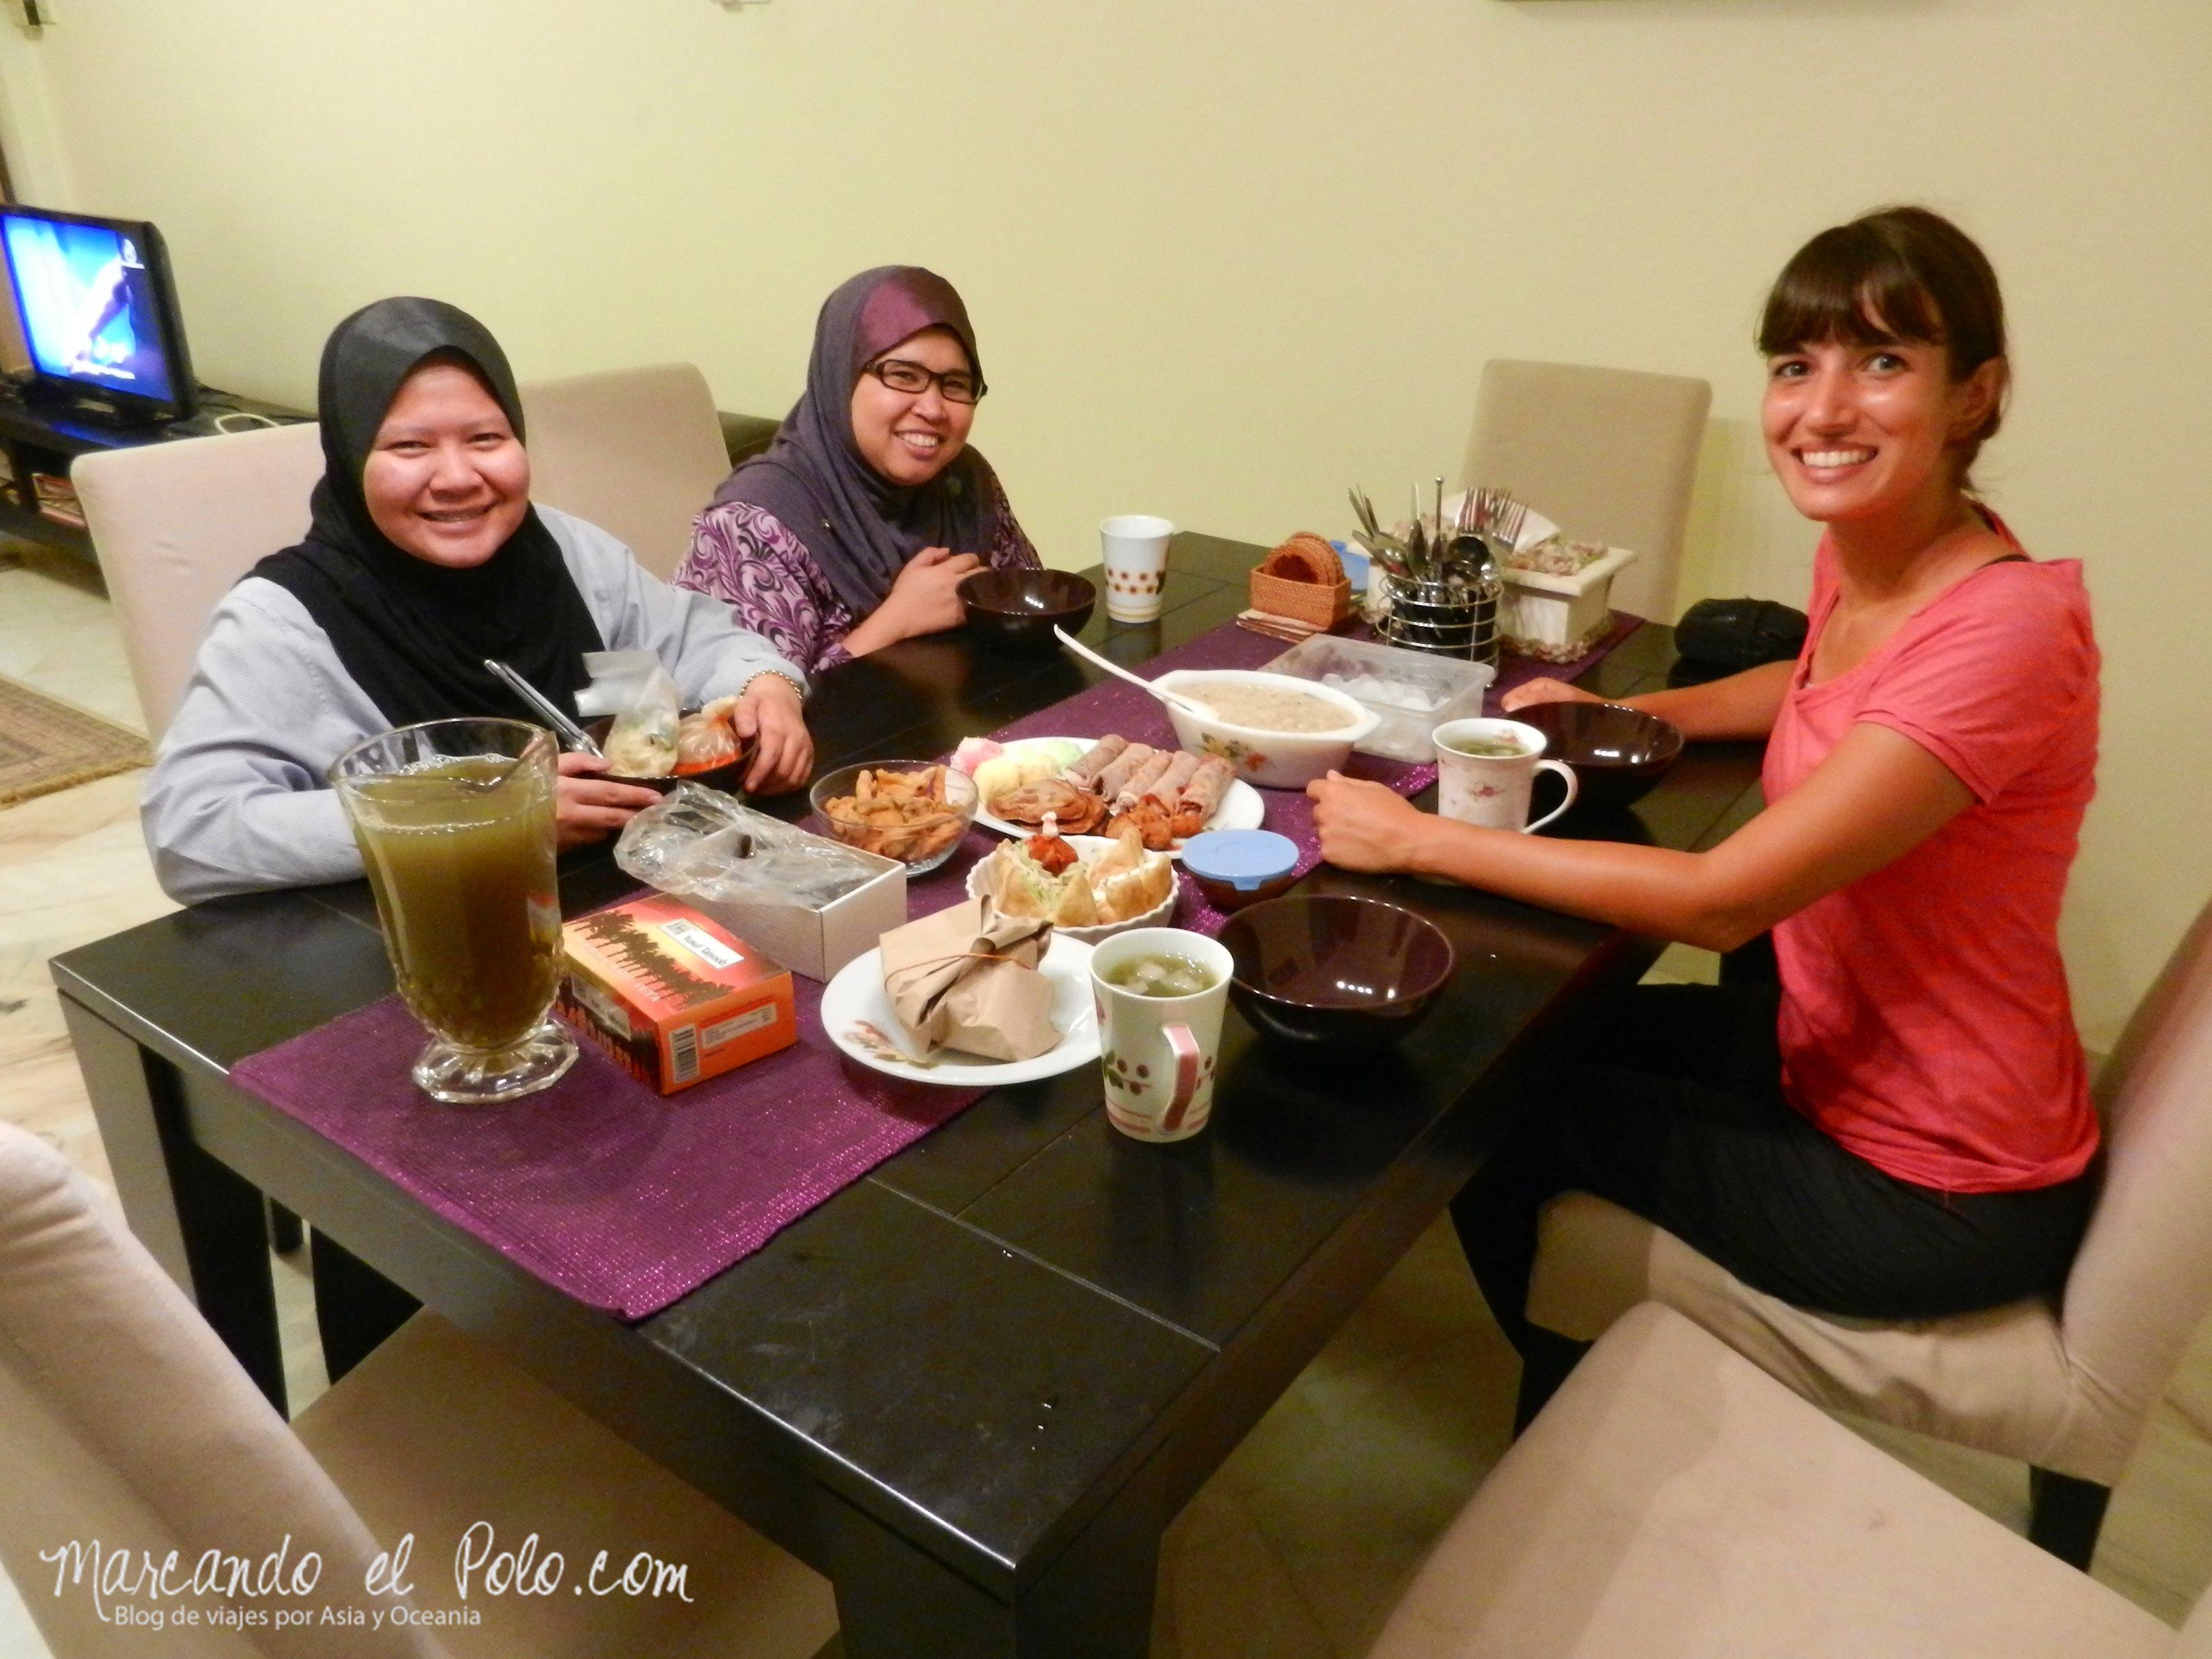 Fin del ayuno con Liana (centro) y Amy (izq.), Ramadan